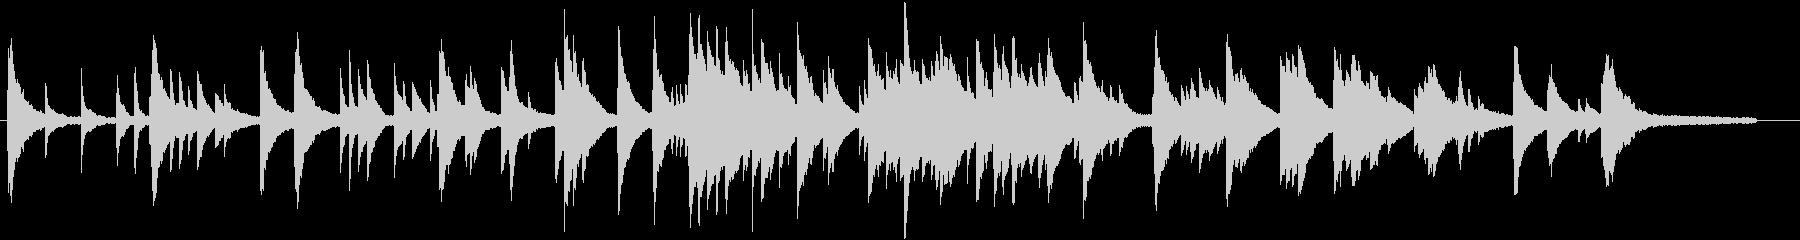 音の粒がしっかりしているピアノソロ曲の未再生の波形